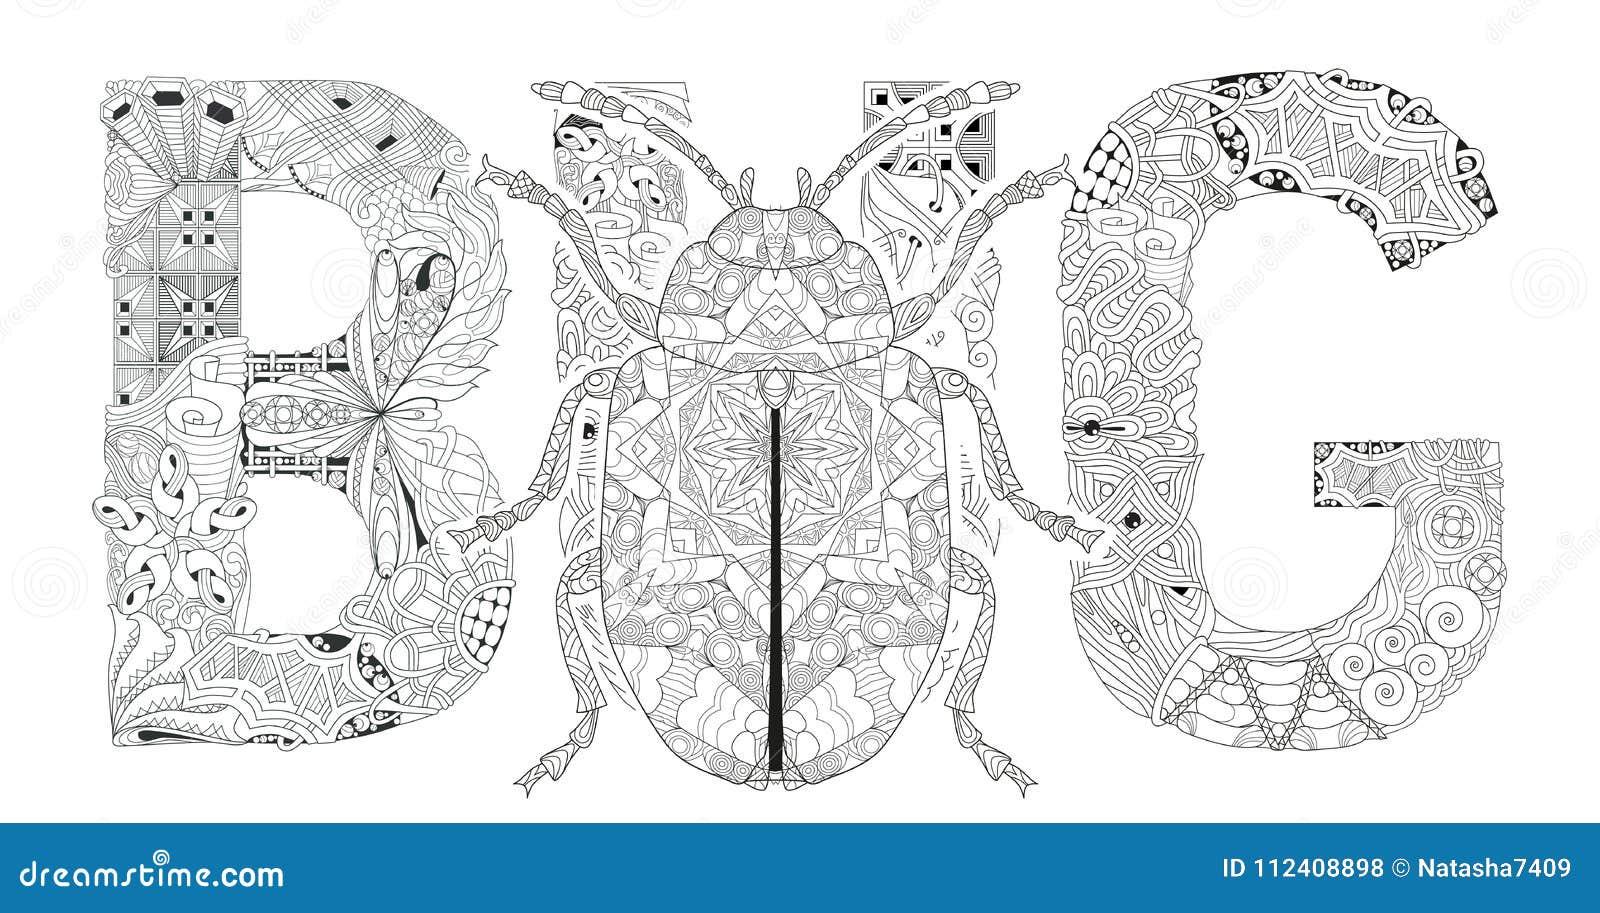 Insecto De La Palabra Para Colorear Con La Silueta Del Escarabajo